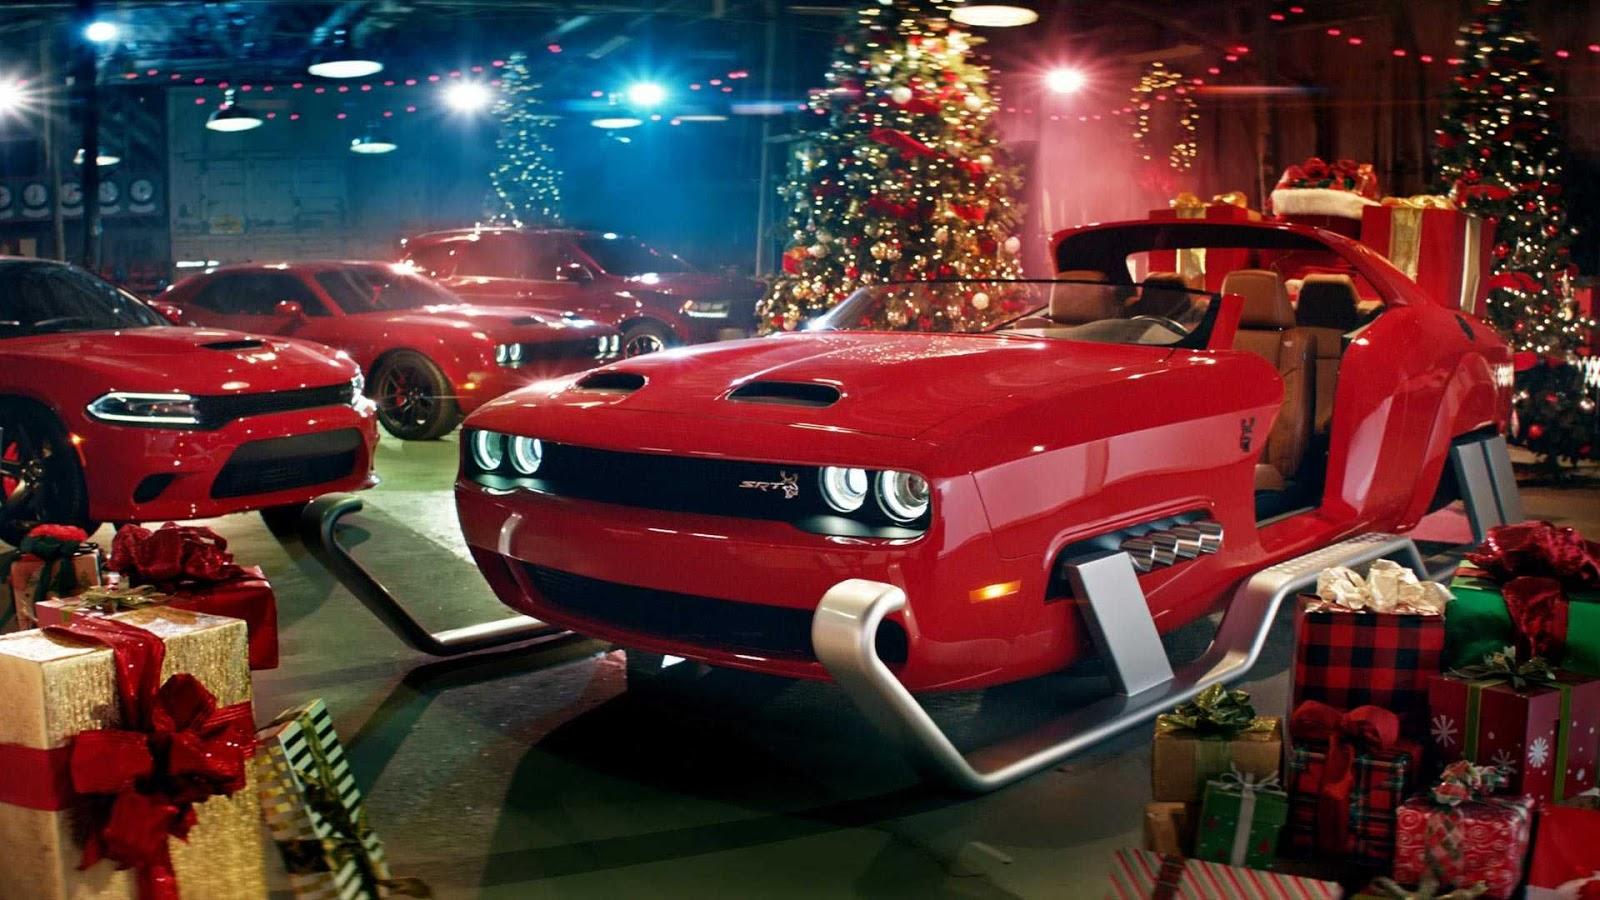 dodge challenger santa sleigh Η Dodge αντικαθιστά τους 8 ταράνδους με 797 άλογα! Dodge, Dodge Challenger Hellcat, video, videos, zblog